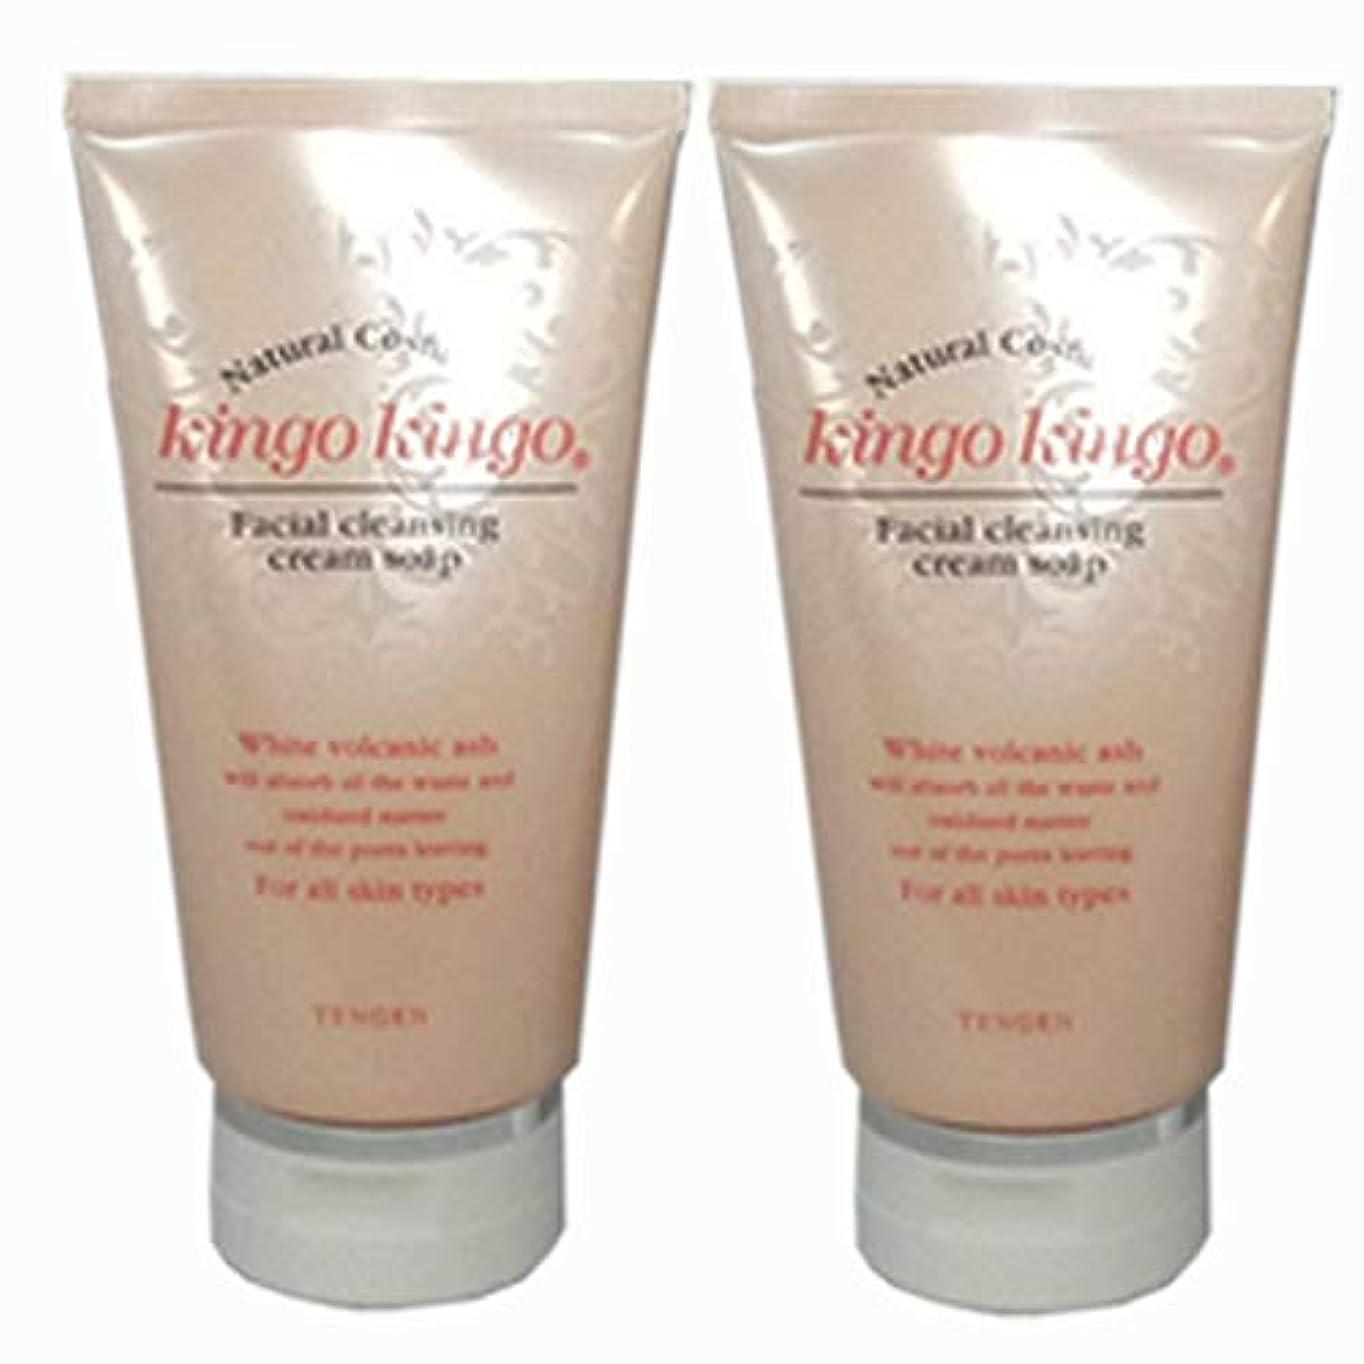 摩擦マイクロ複製するKingo Kingo きんごきんご 220g 2個セット ※モンドセレクション2009年金賞受賞!きめ細やかな希少火山灰白土が、肌の表面を転がりながら汚.